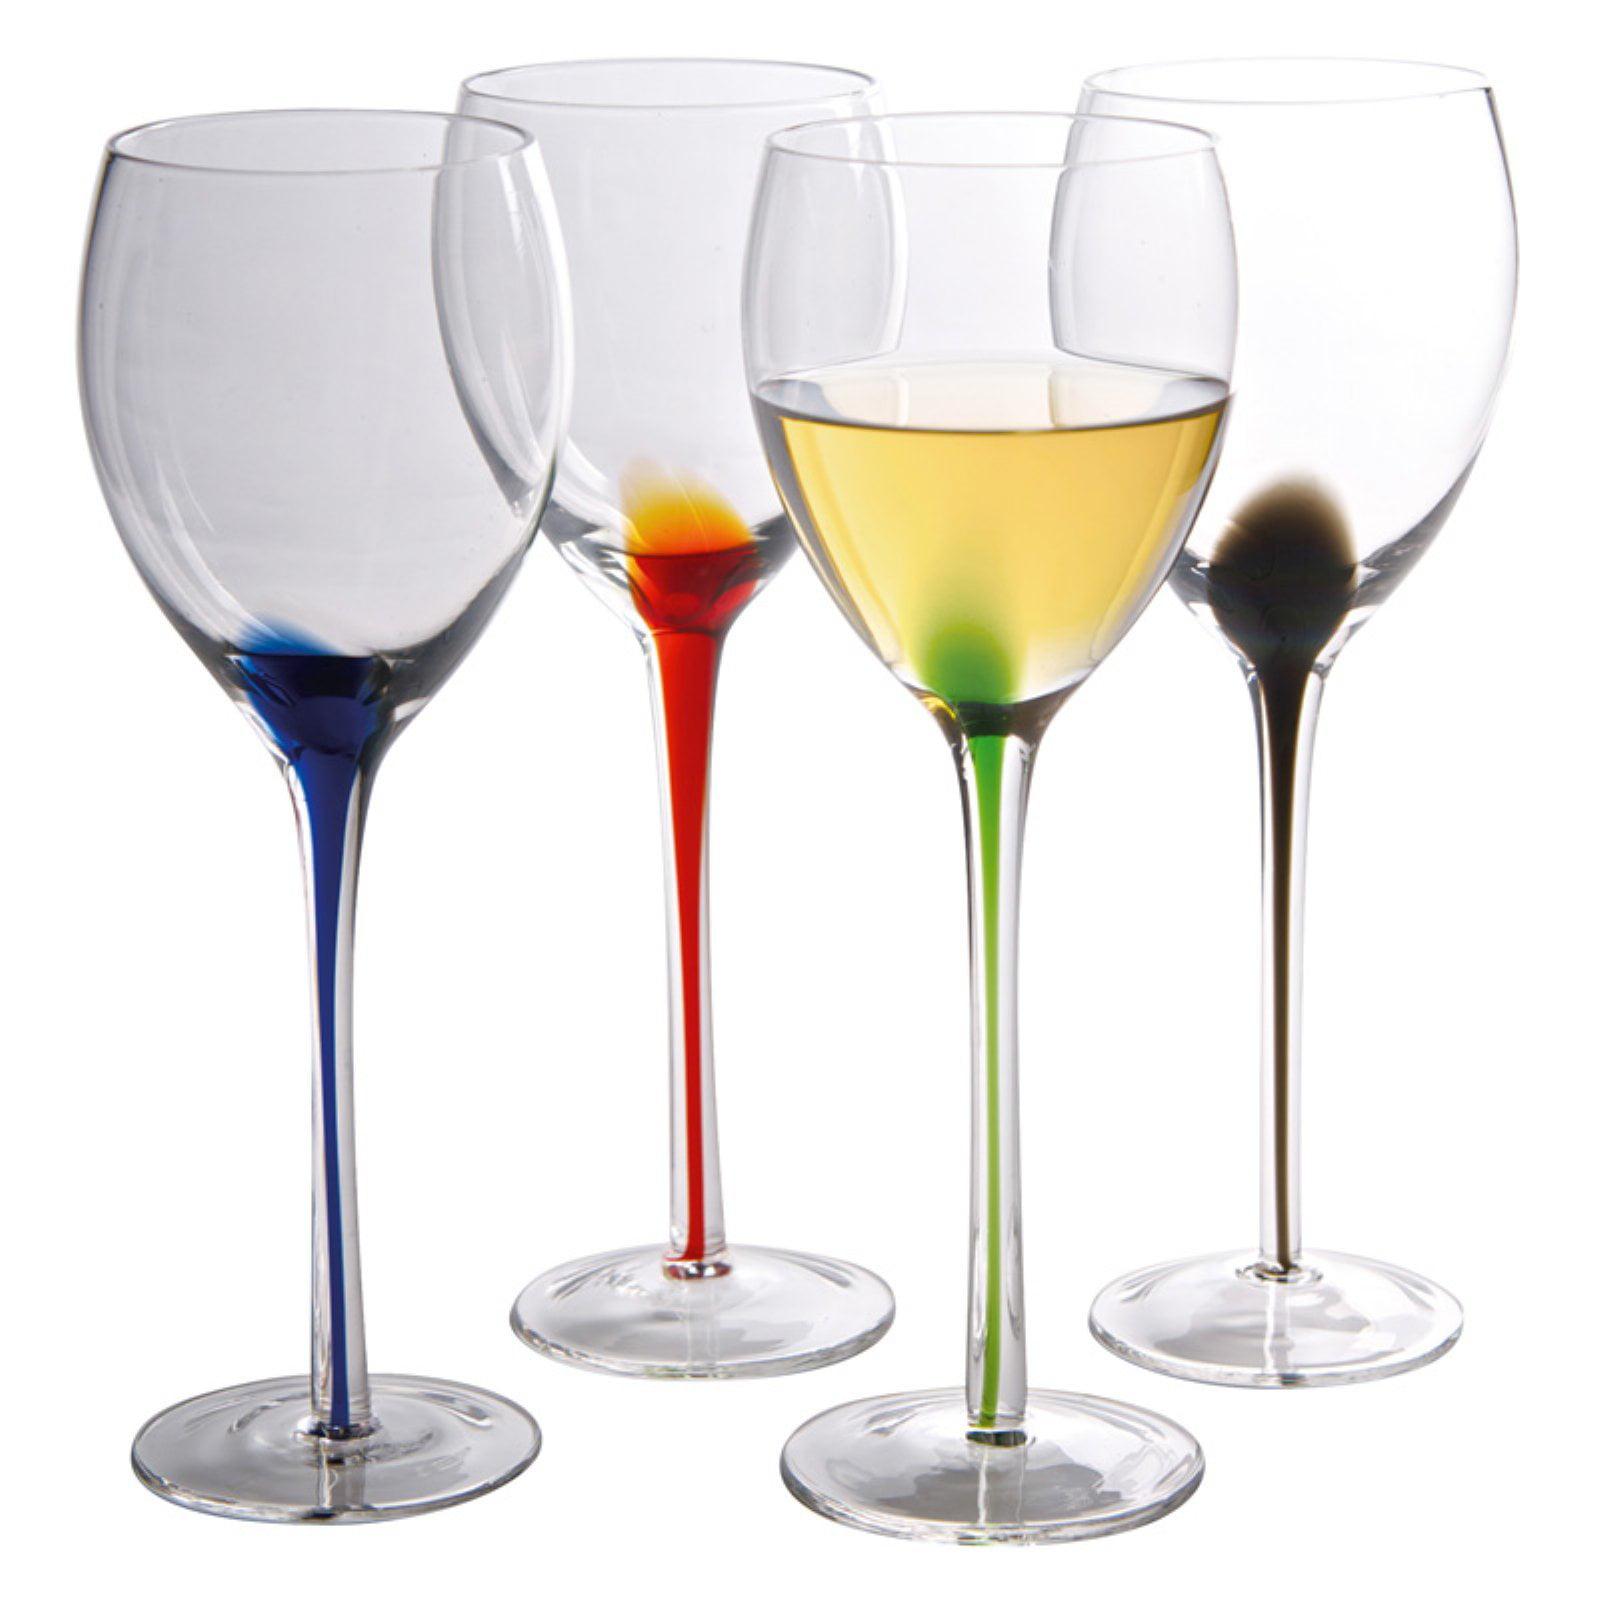 9.5-Oz. Luigi Bormioli Set of 4 Romantica Stemmed Wine Glasses